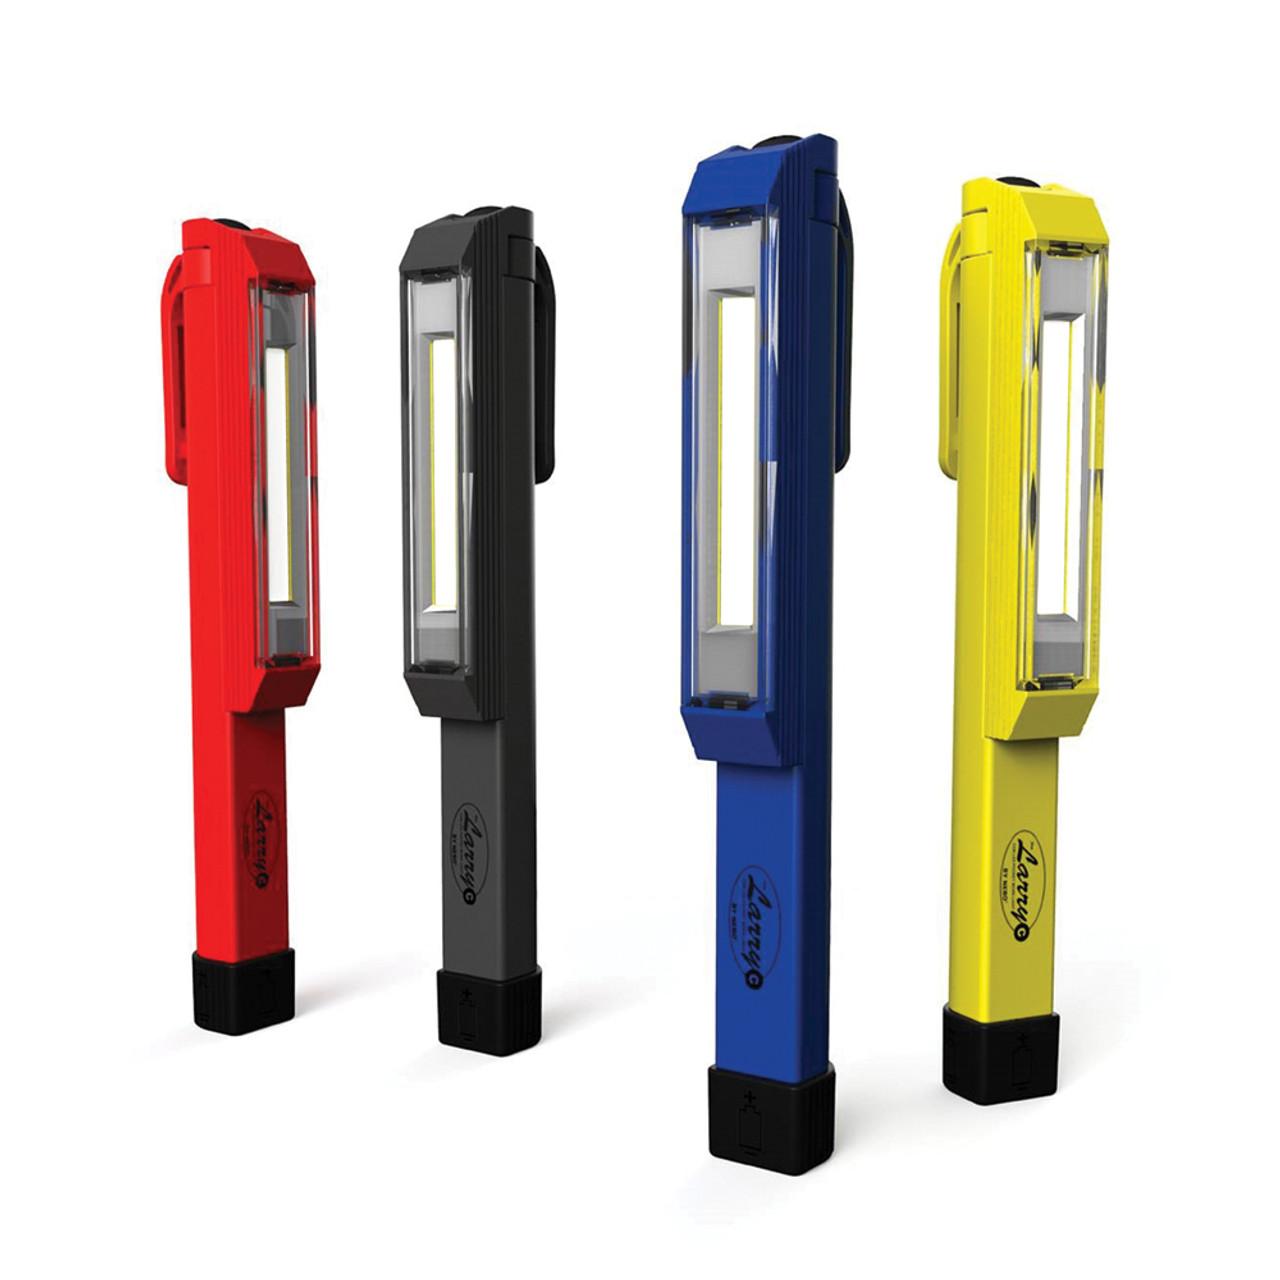 Larry Light C LED Handheld Work Light